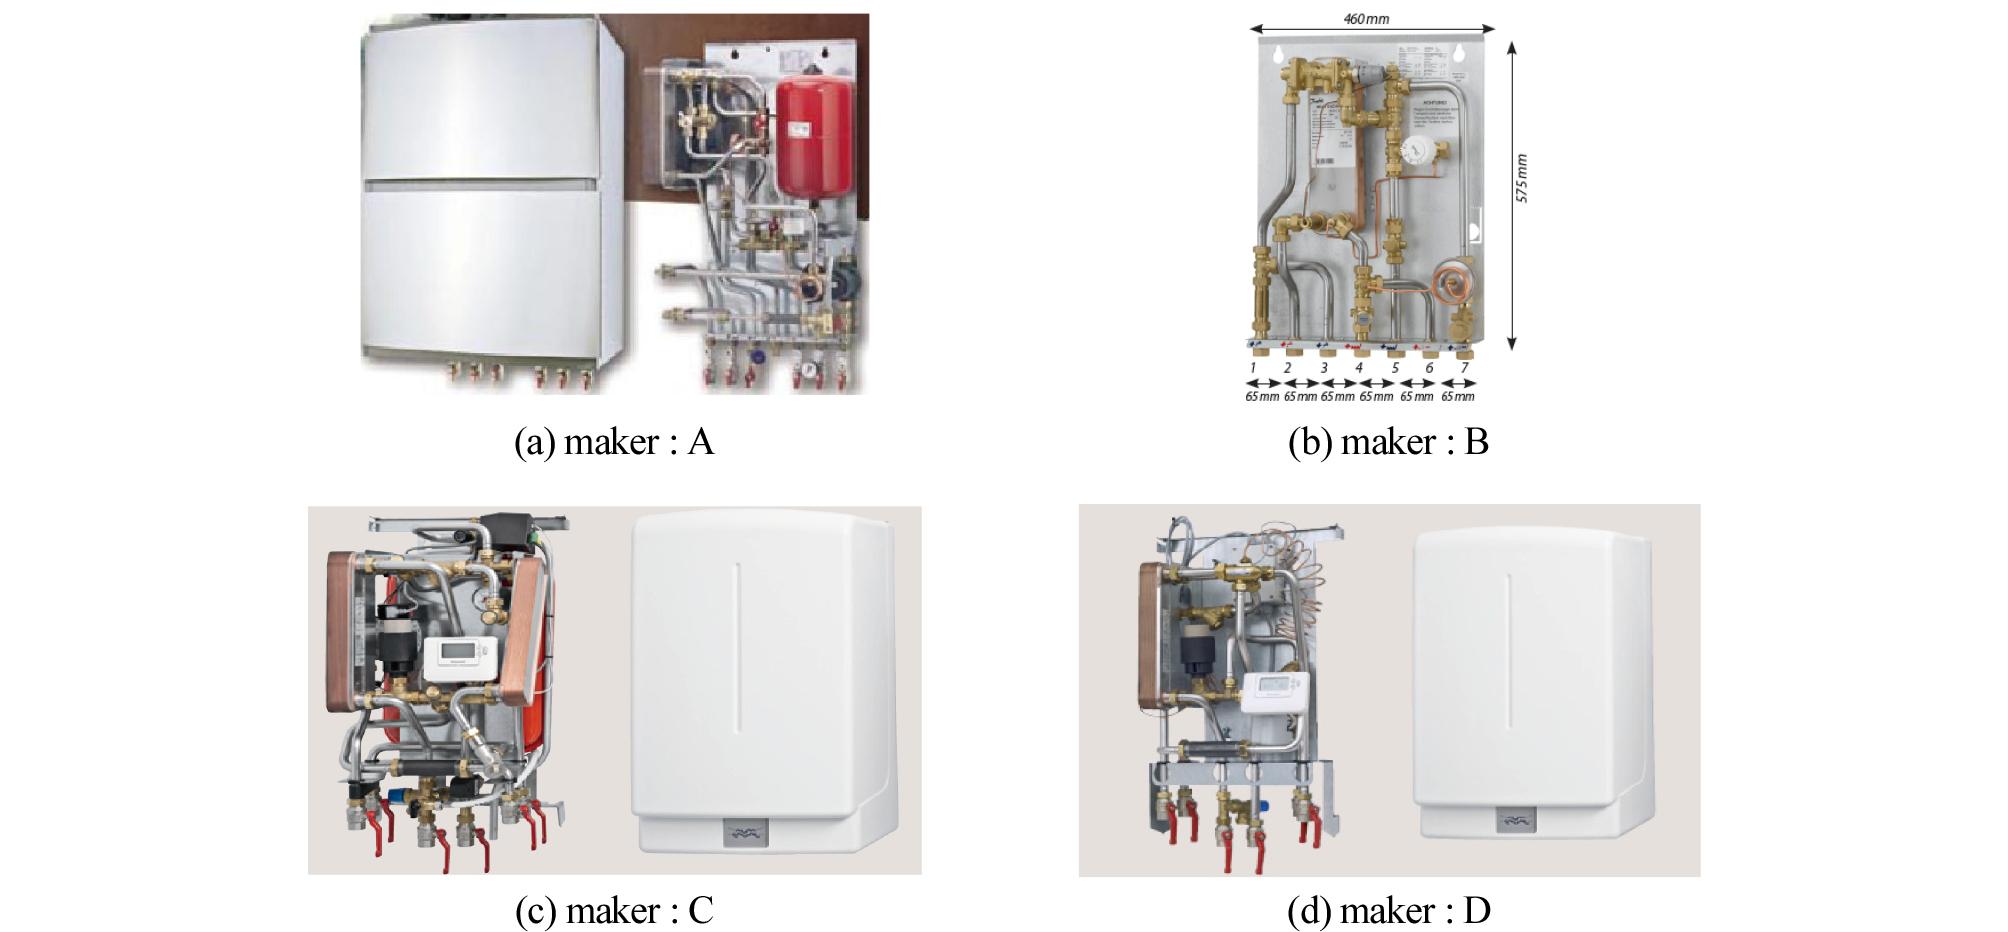 http://static.apub.kr/journalsite/sites/kiaebs/2020-014-05/N0280140509/images/Figure_KIAEBS_14_5_09_F4.jpg